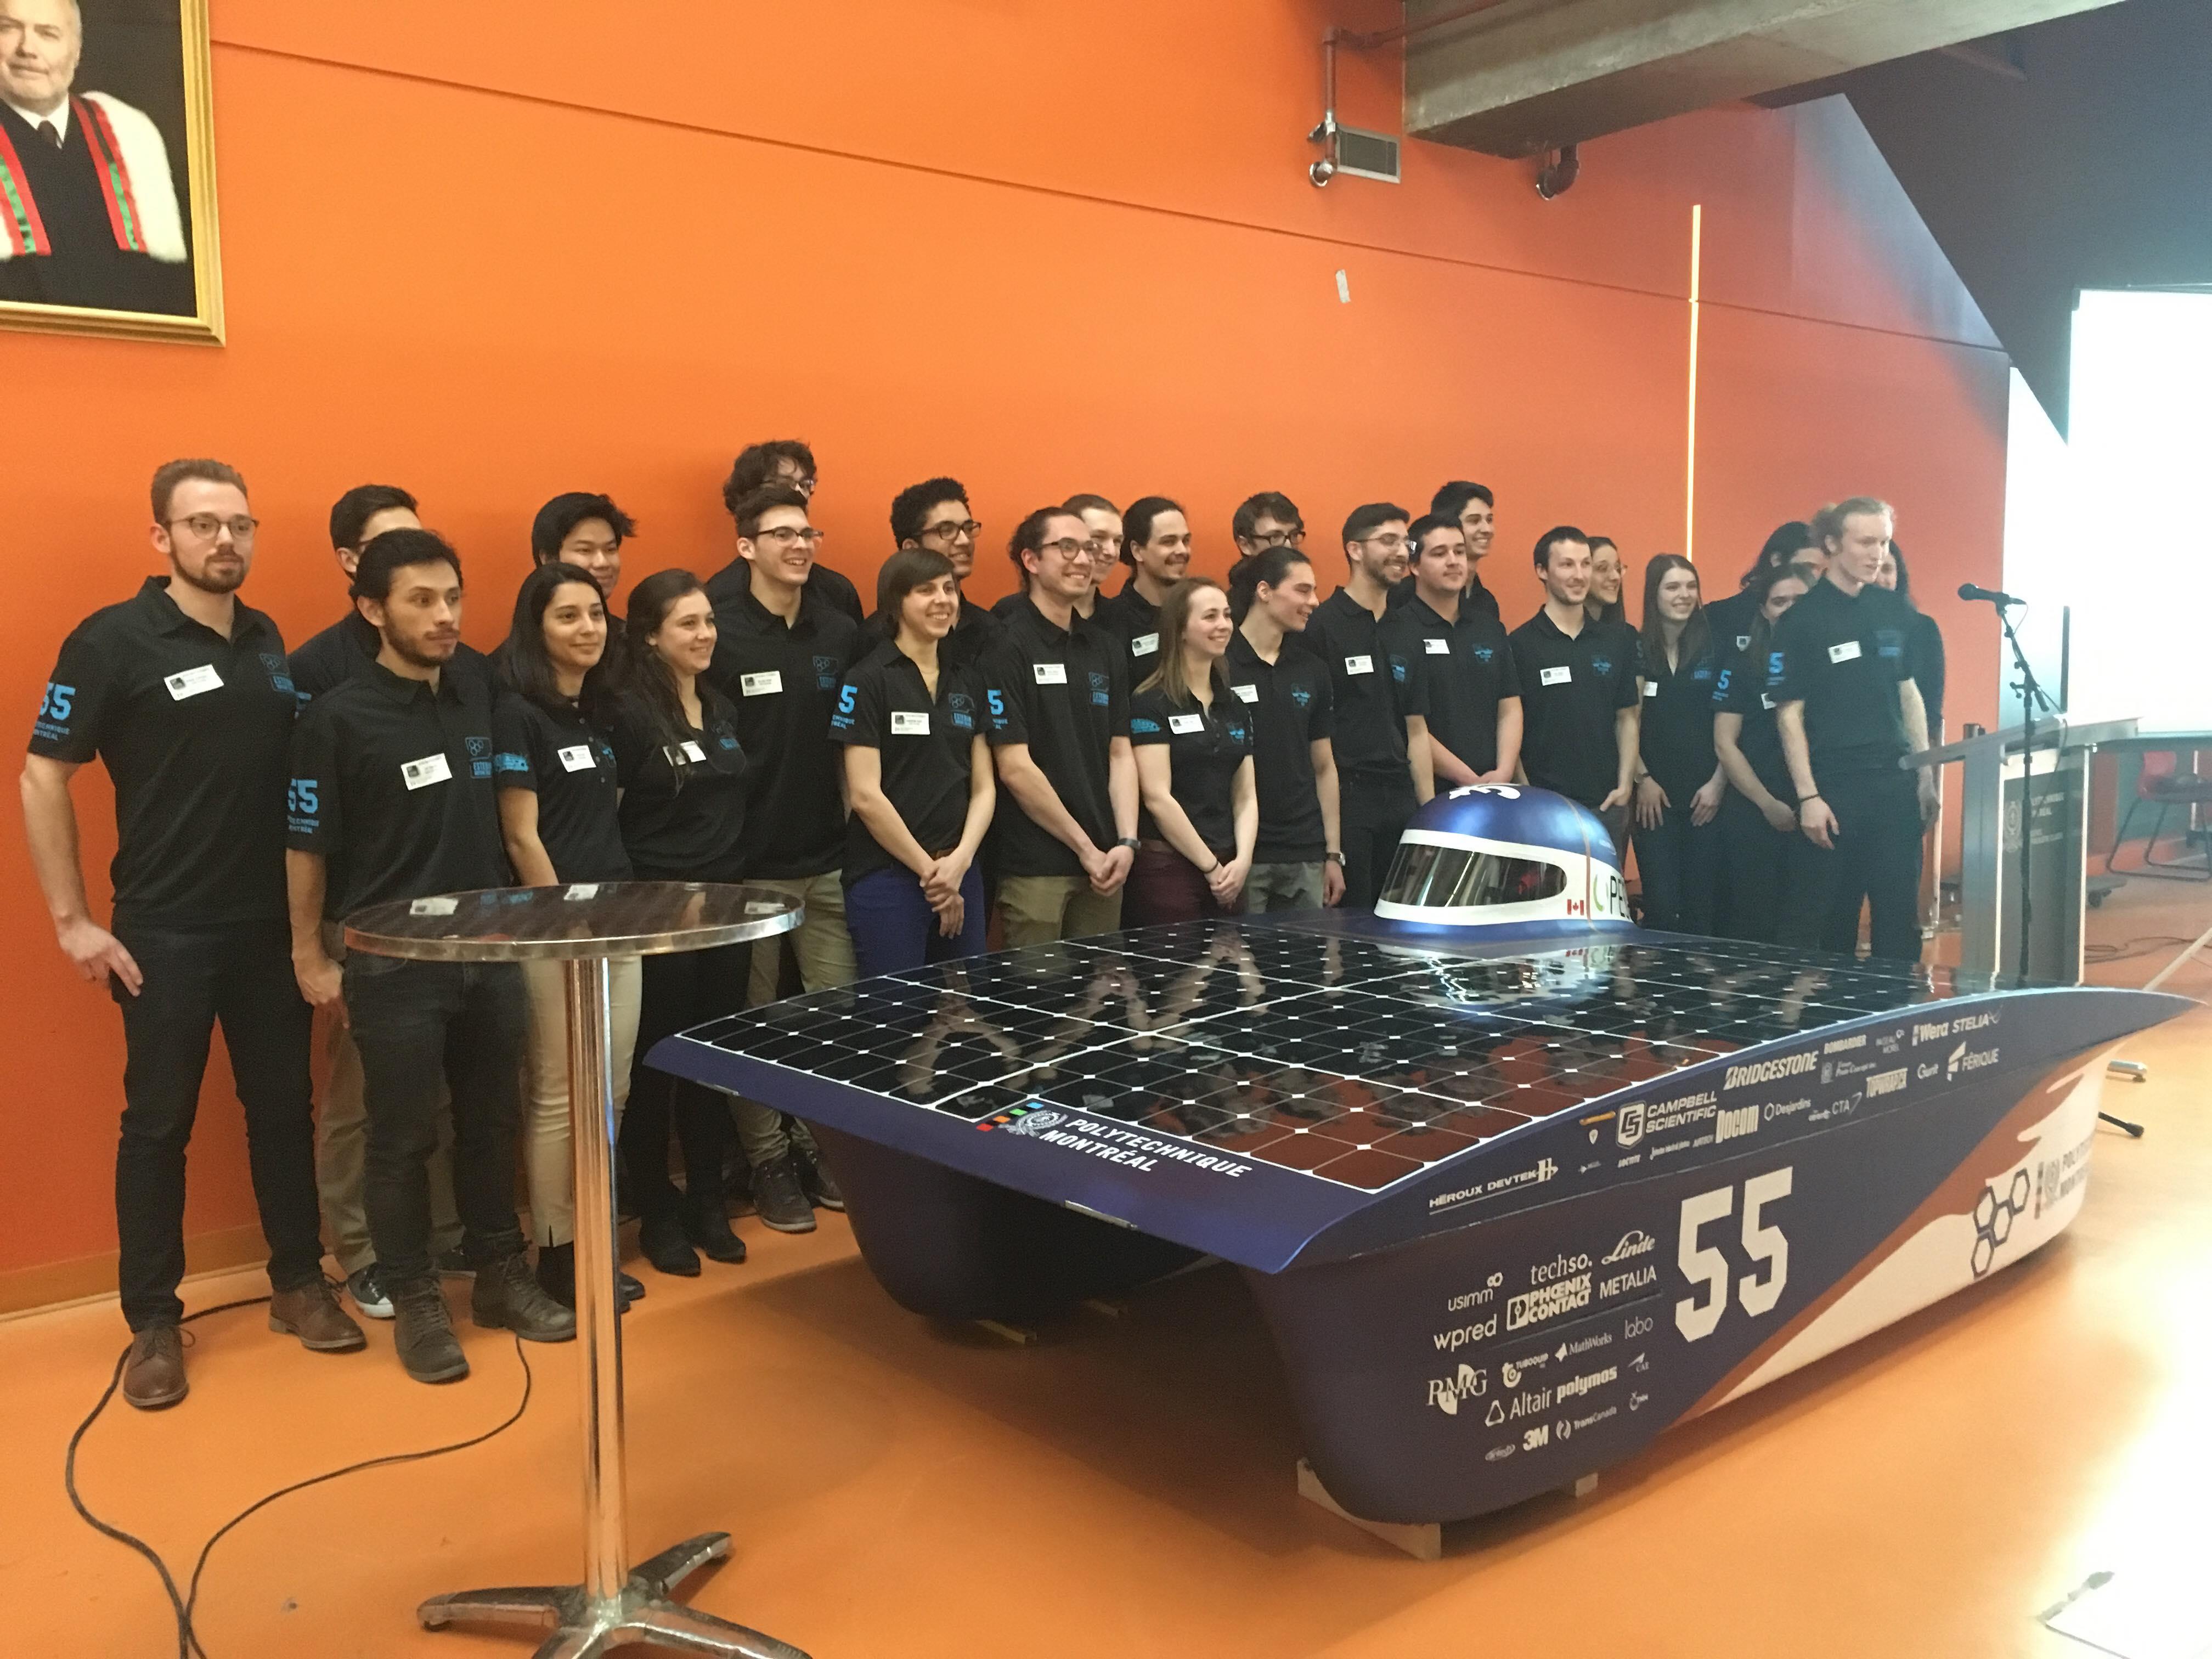 Dévoilement de la voiture solaire Esteban 9